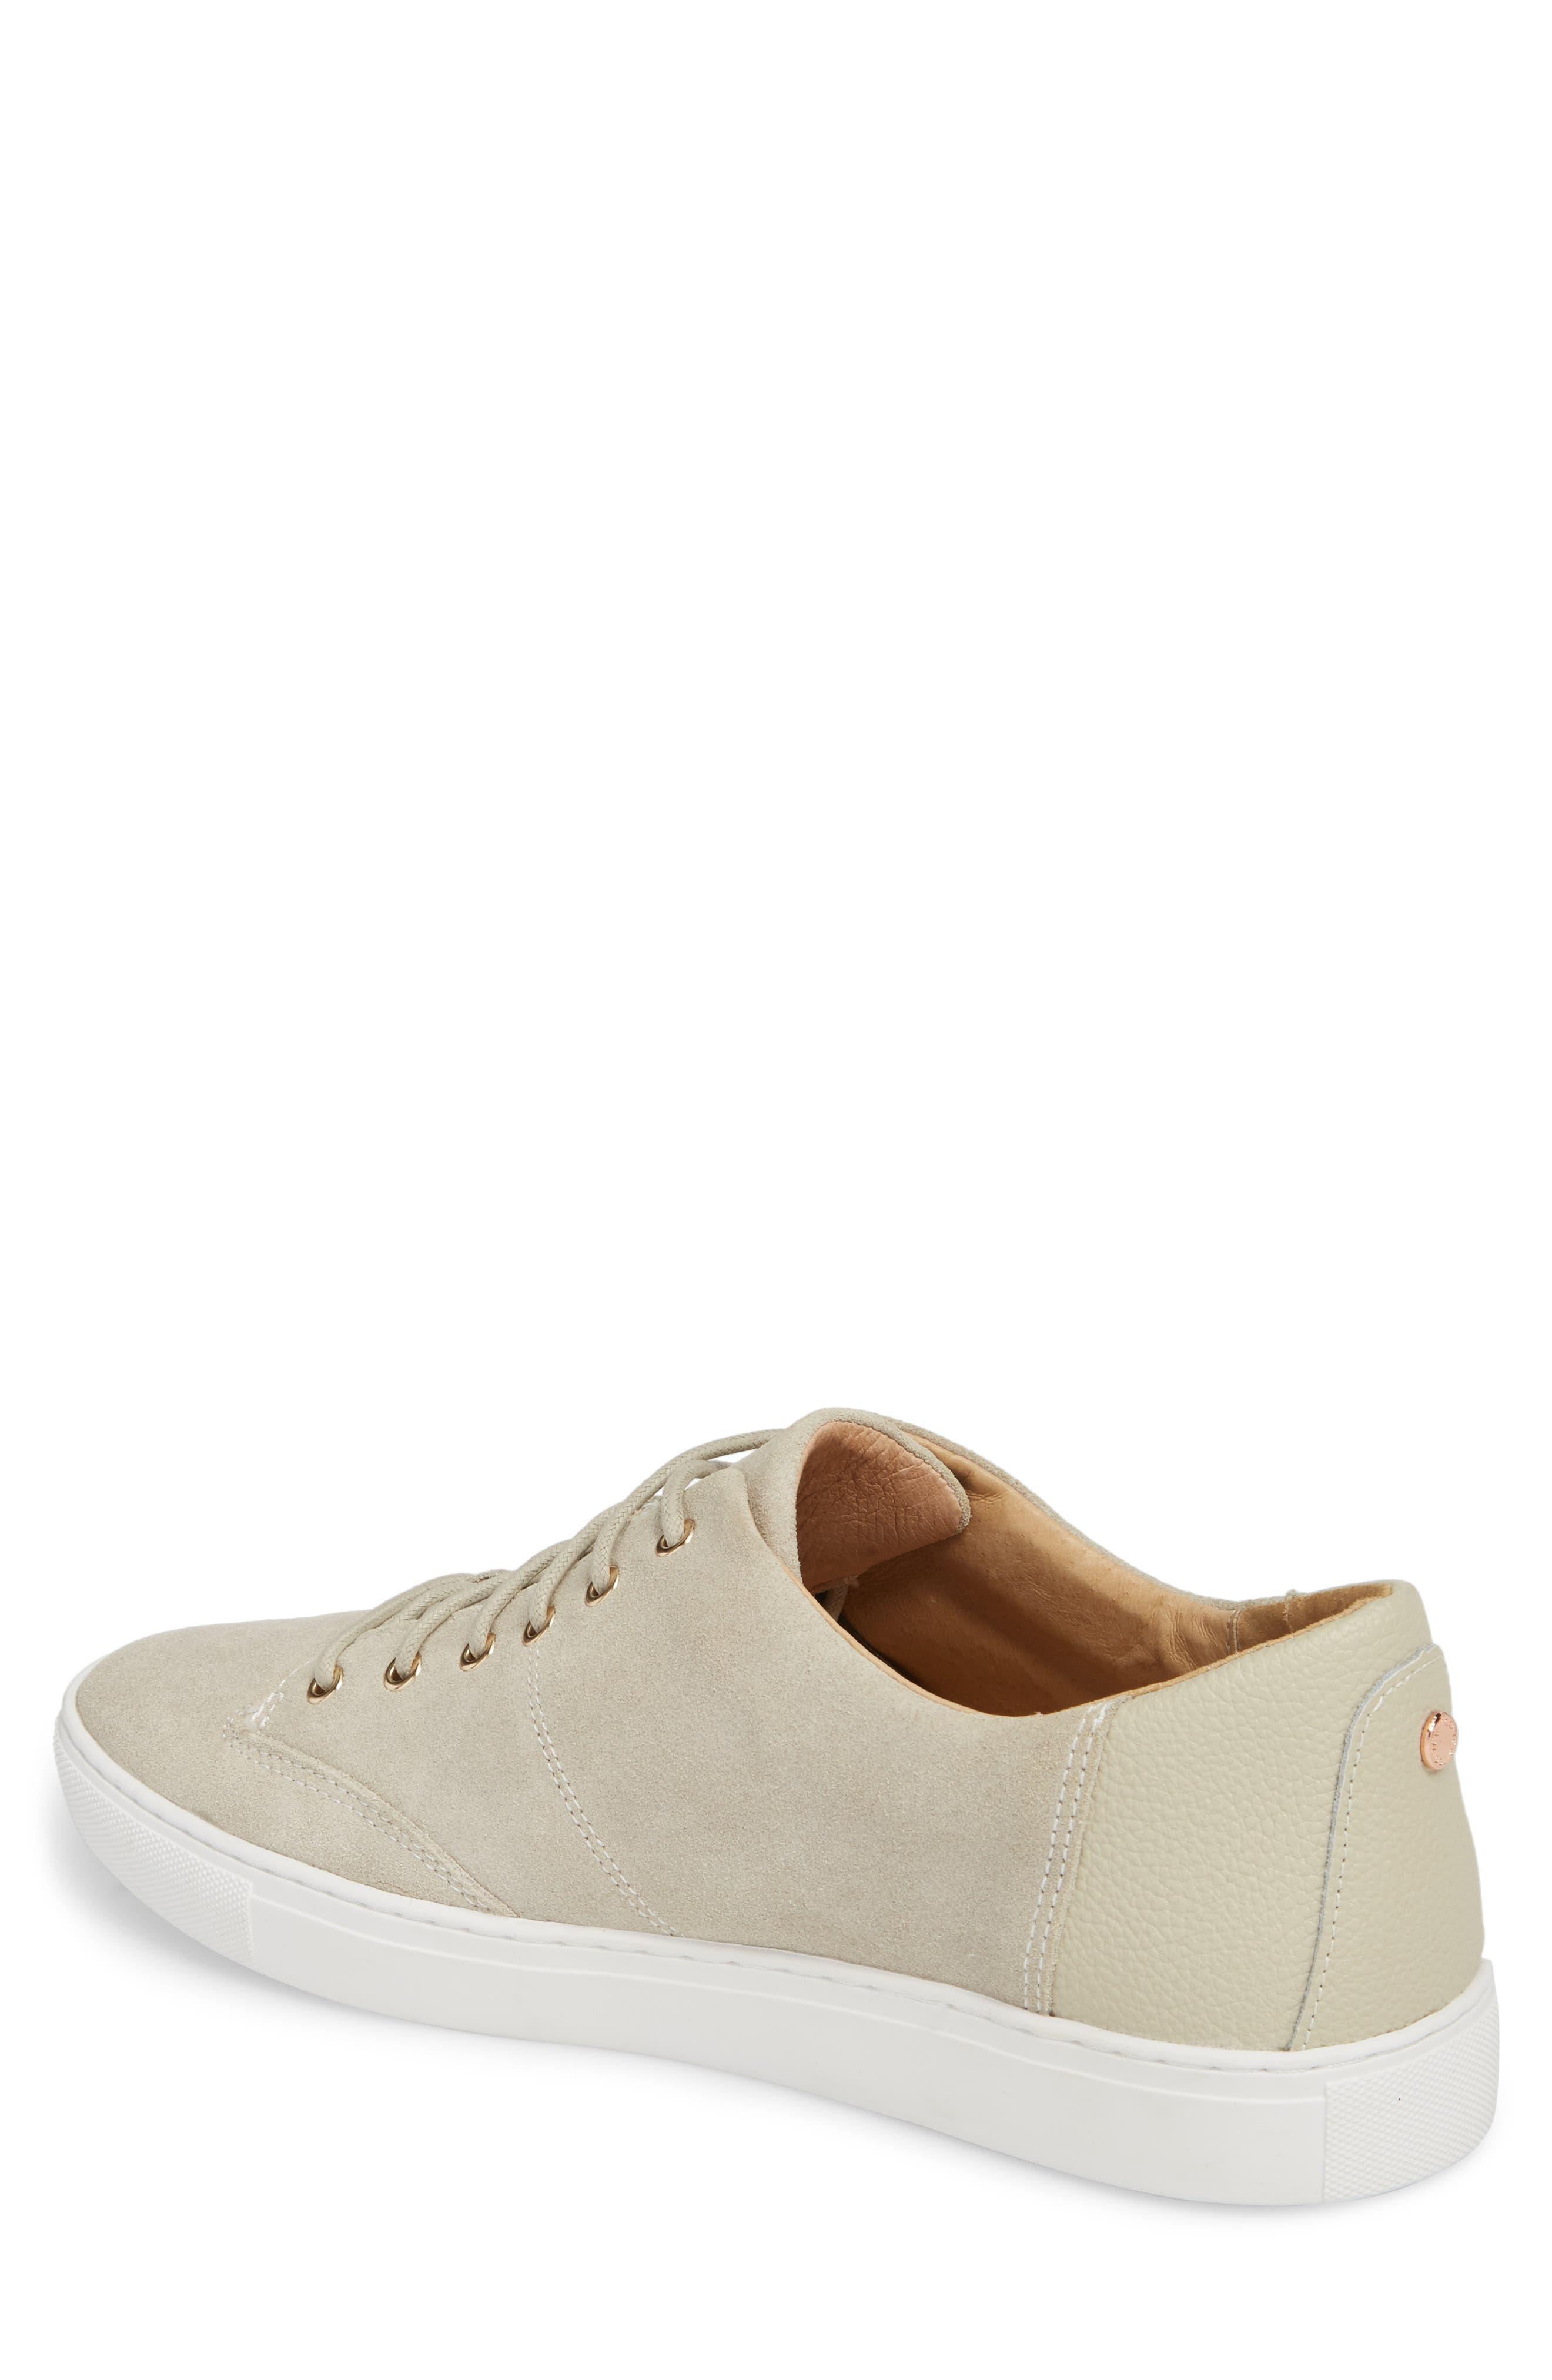 Cooper Sneaker,                             Alternate thumbnail 7, color,